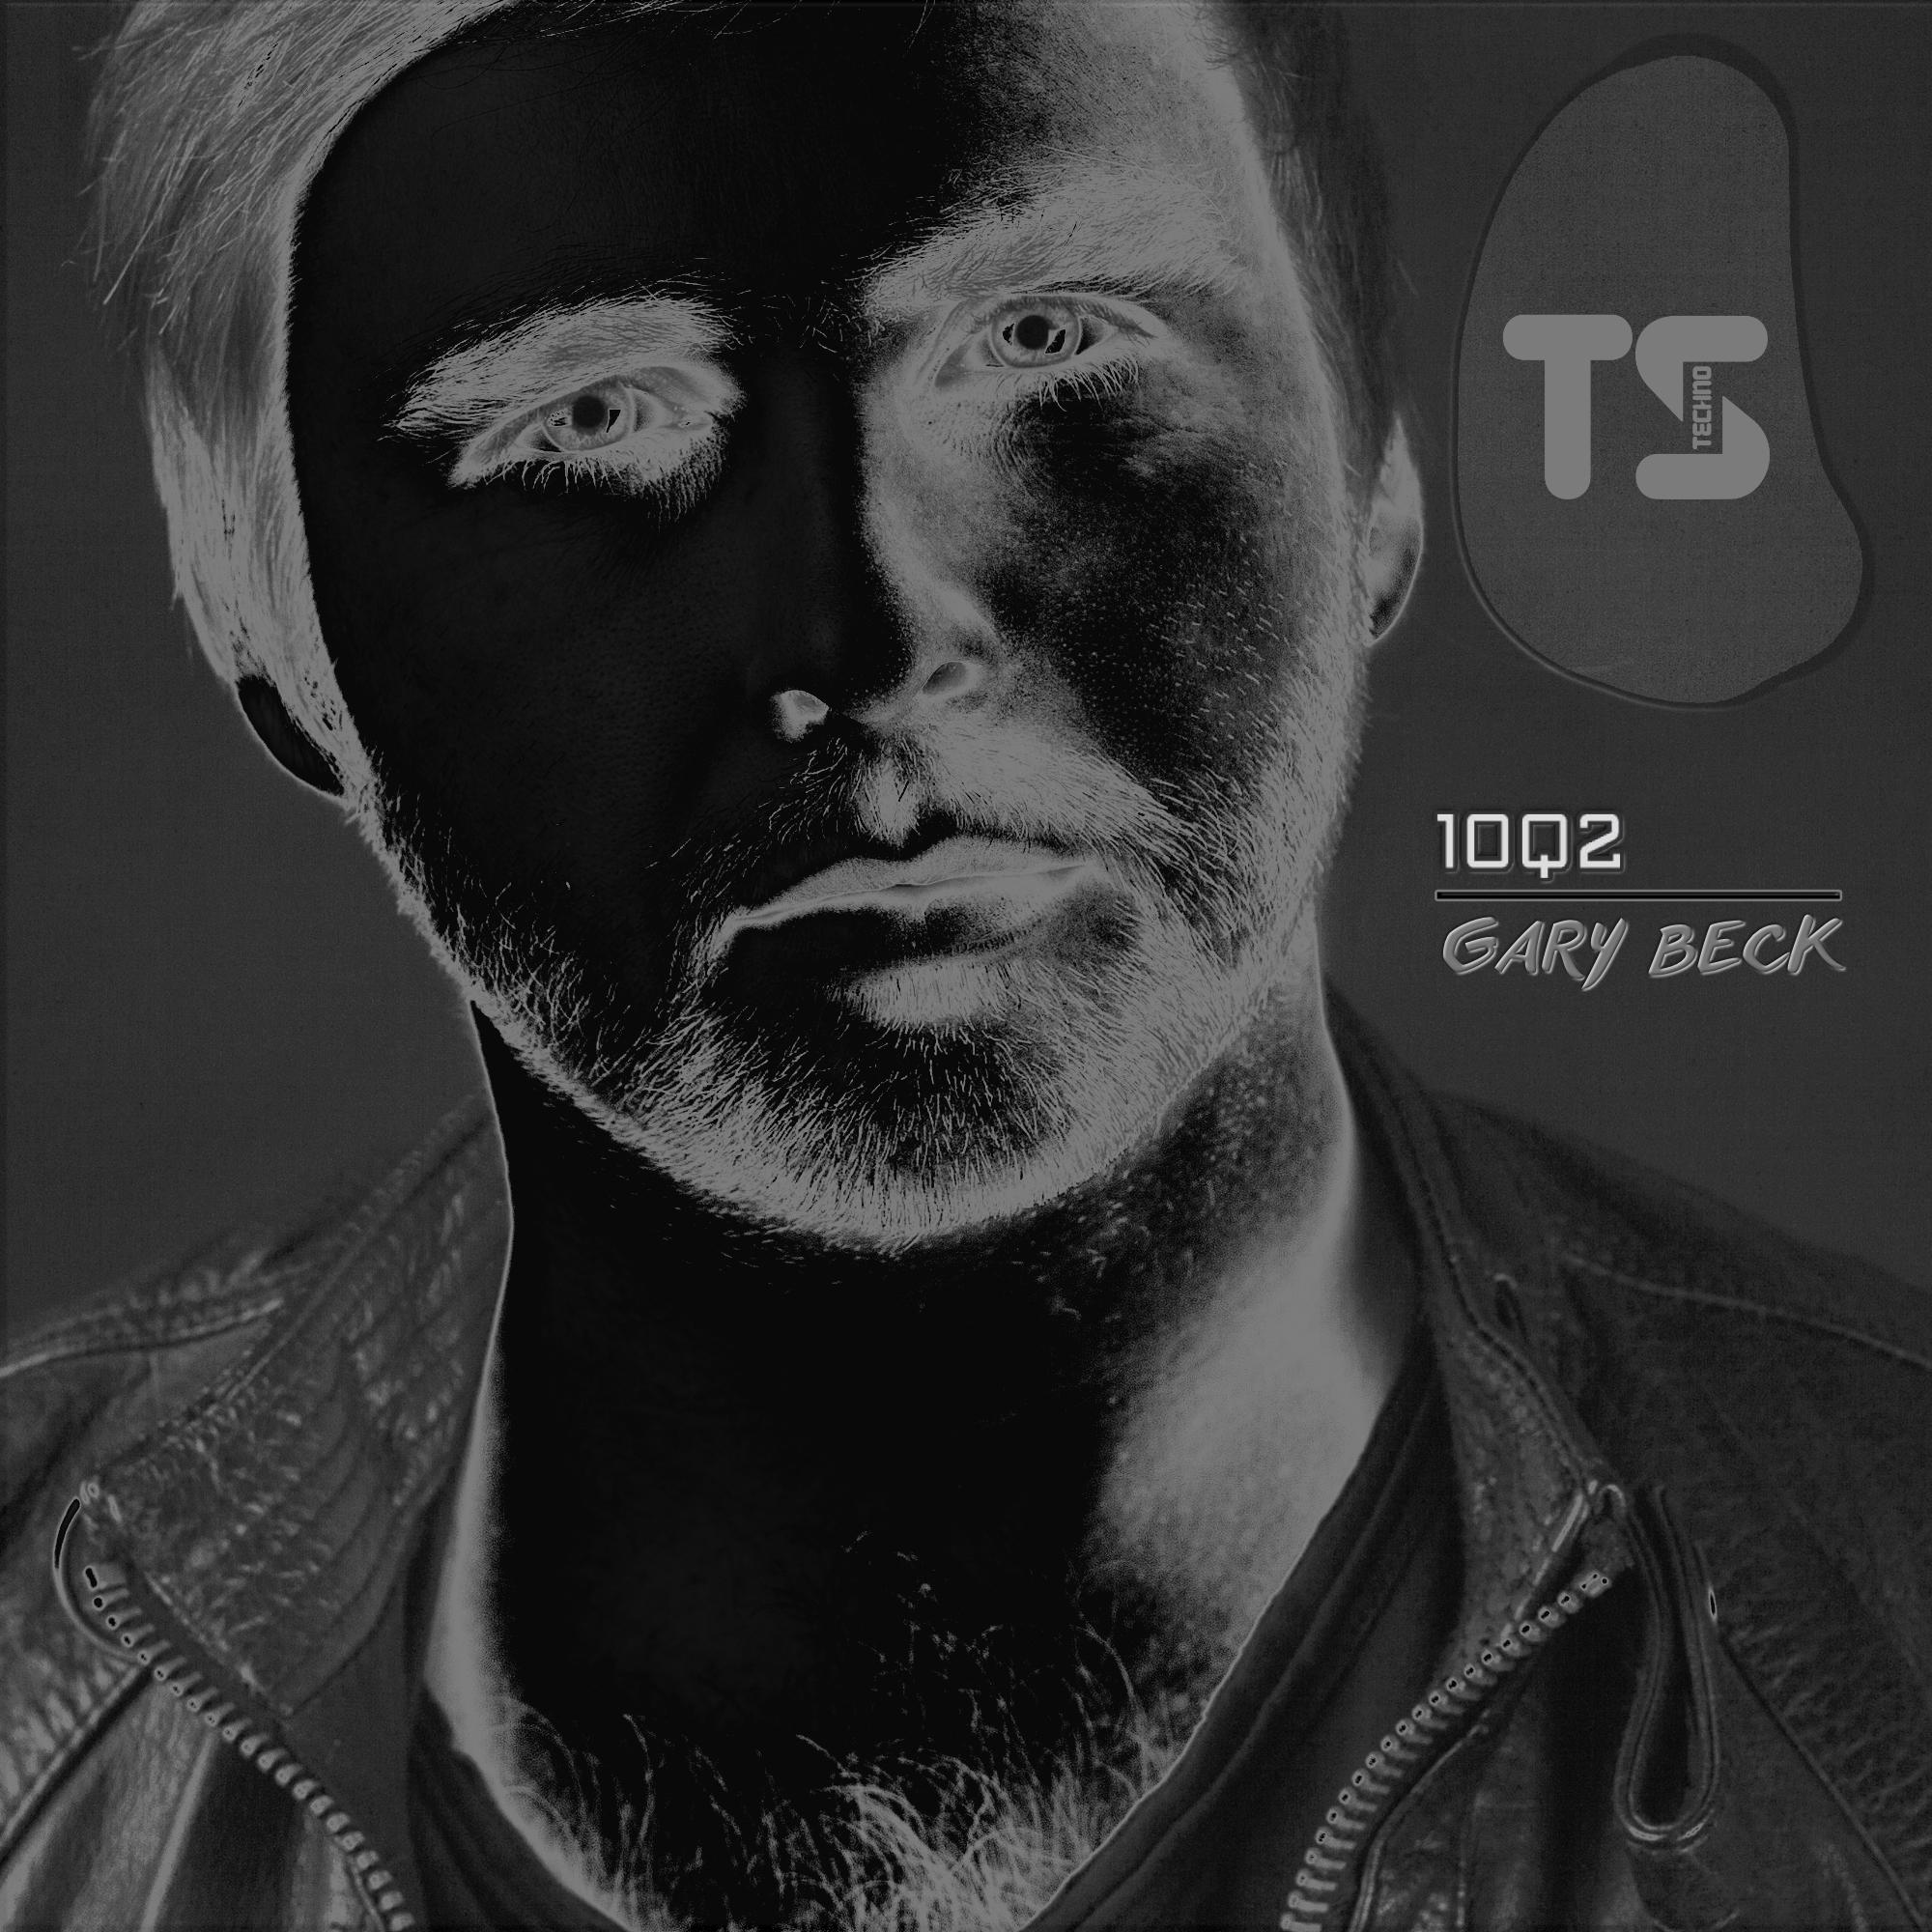 Gary Beck 10Q2